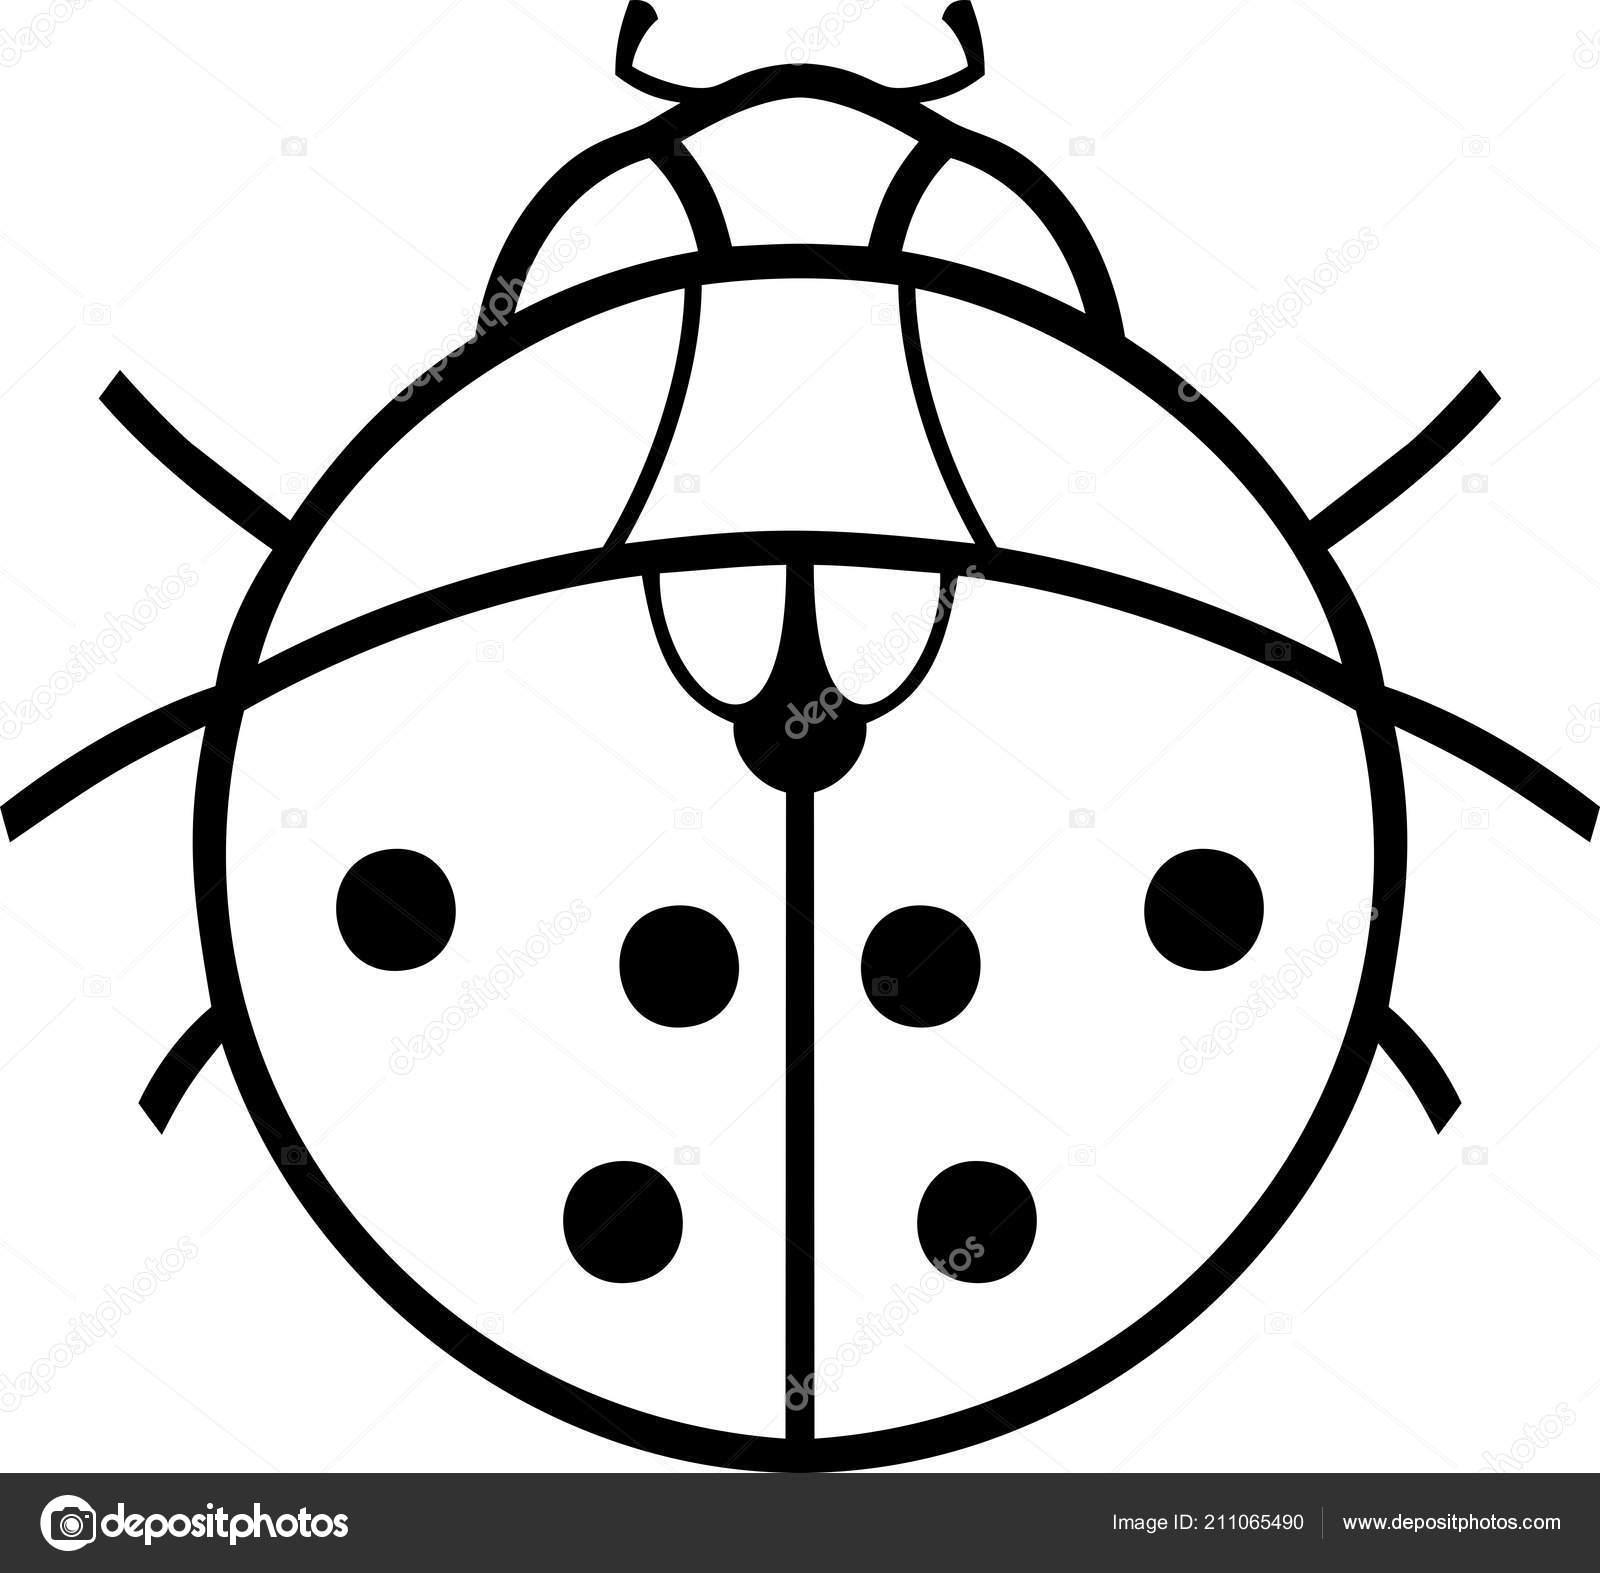 Boyama Sayfası Stilize çizgi Film Uğur Böceği Stok Vektör